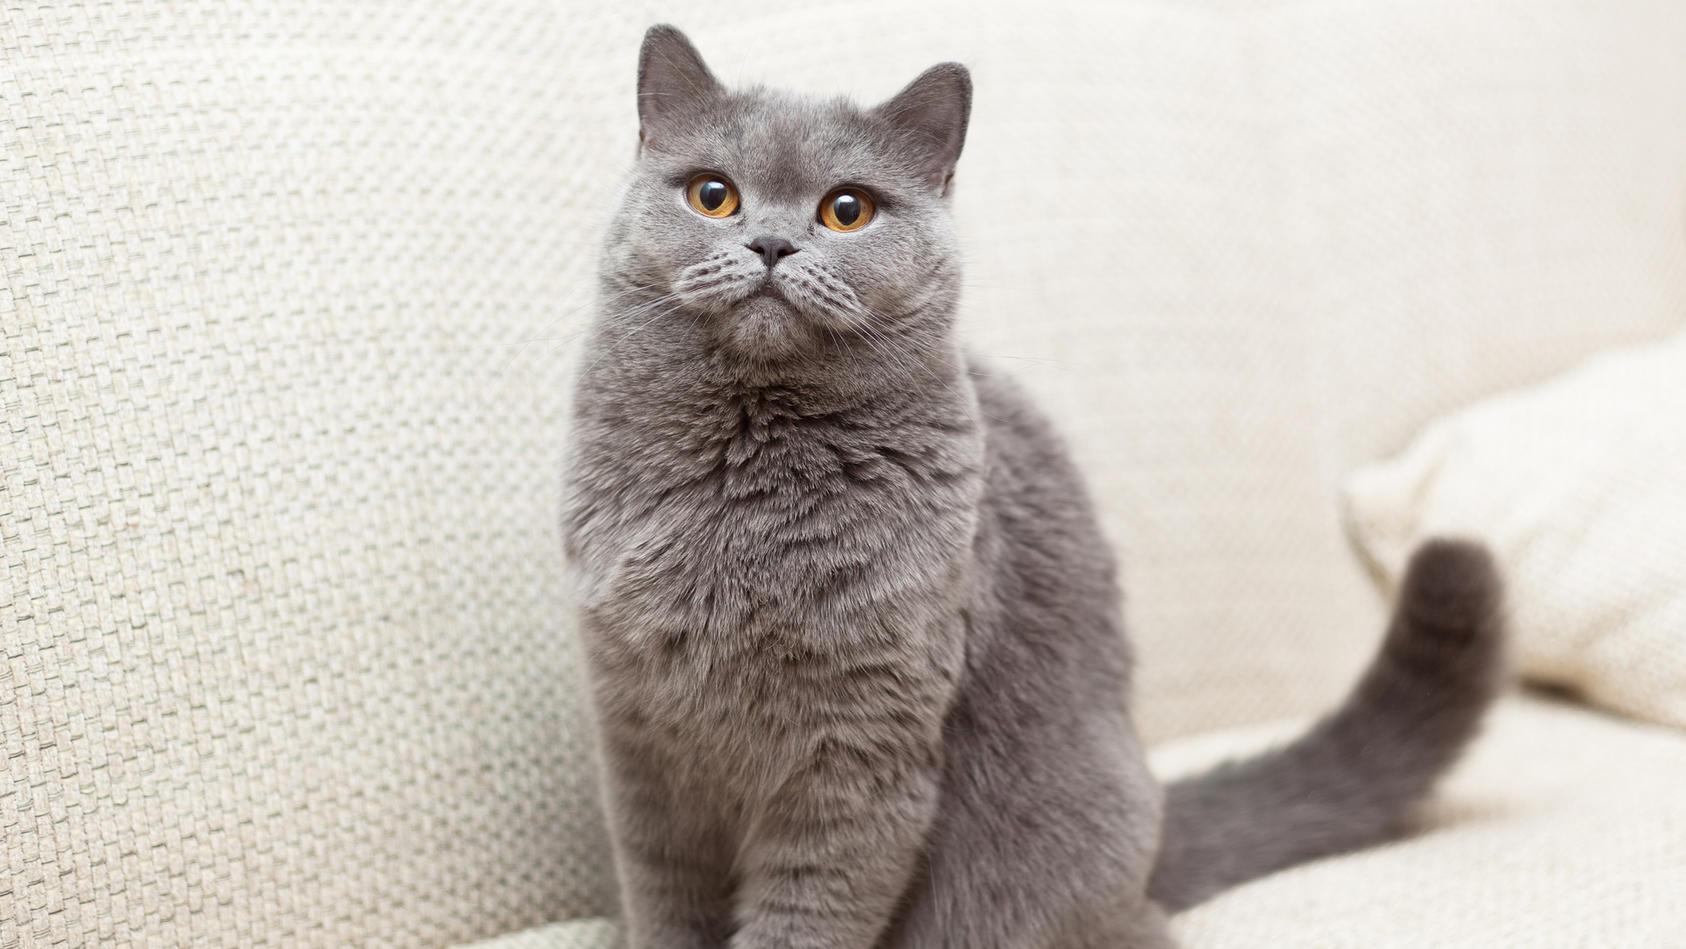 Die Katze mit den meisten Google-Suchanfragen ist die britische Kurzhaar-Katze.